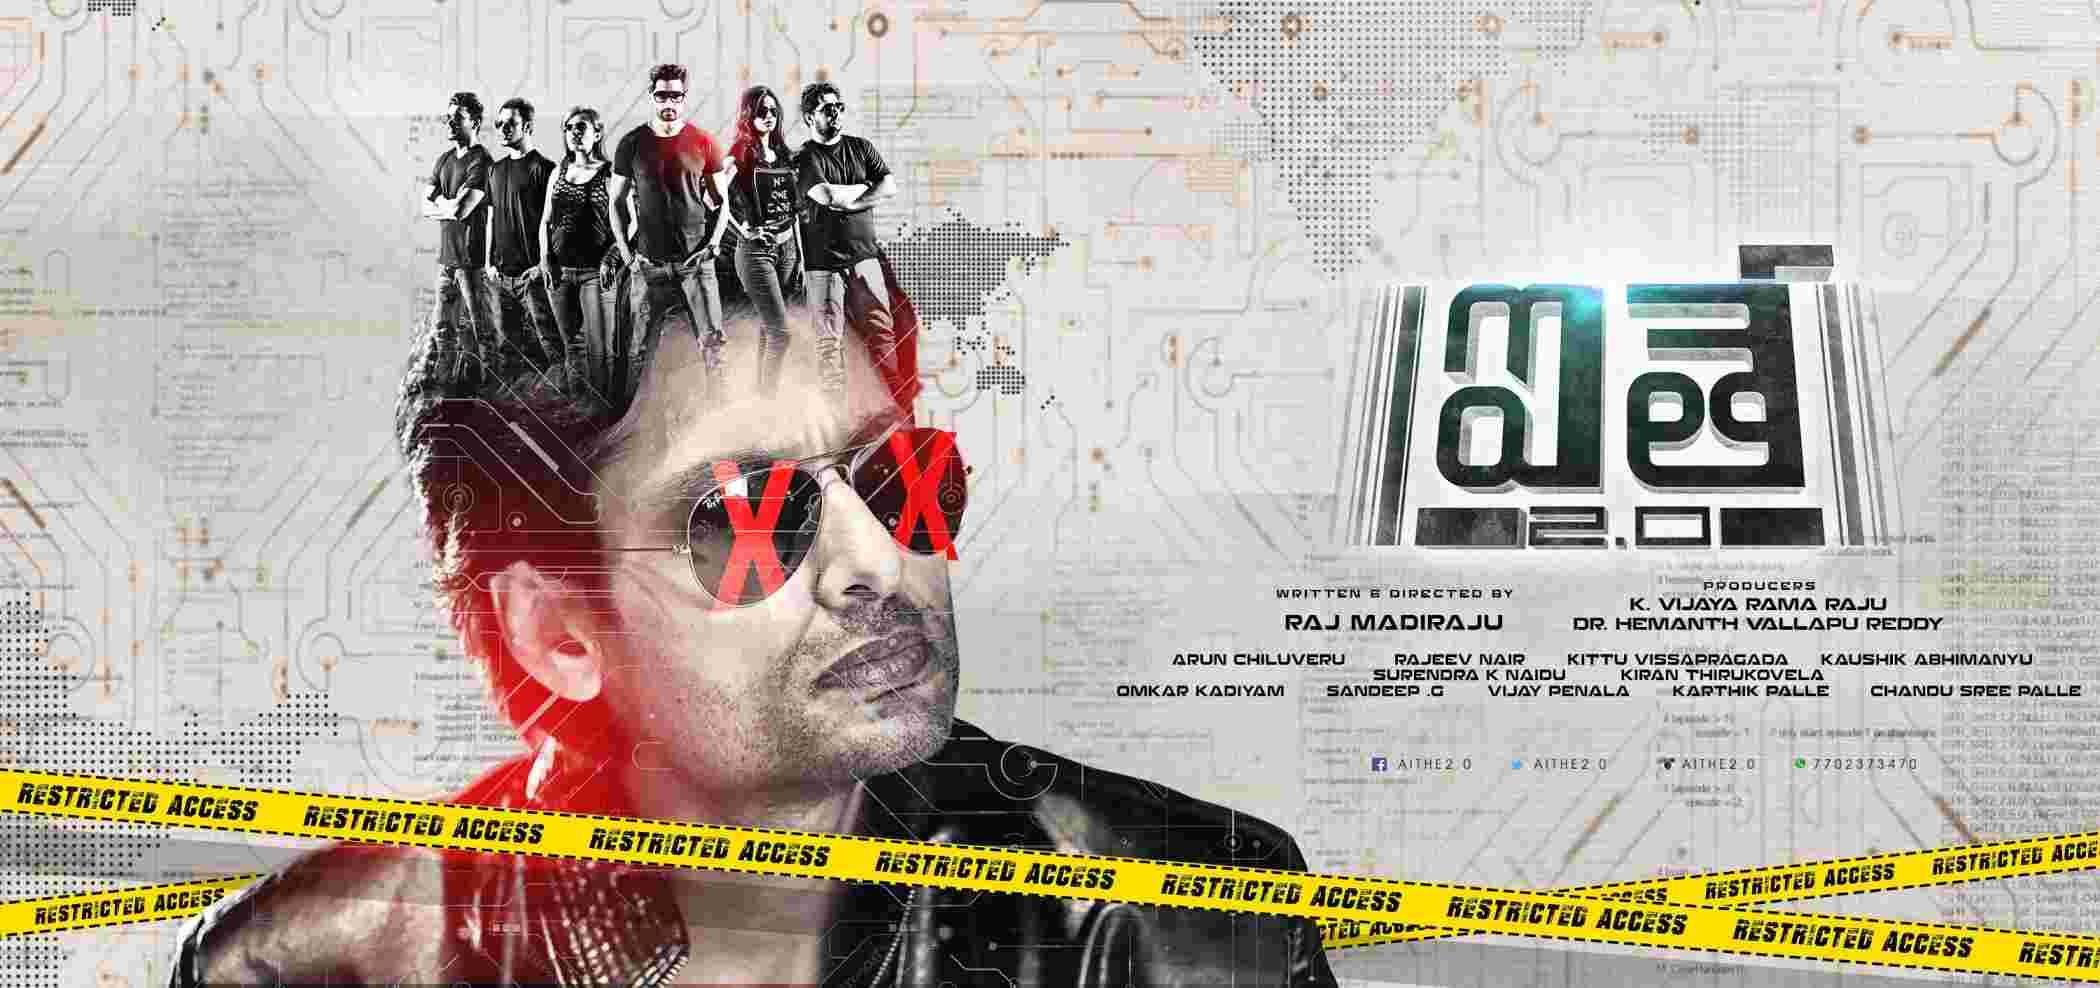 Tamilrockers Telgu Movie